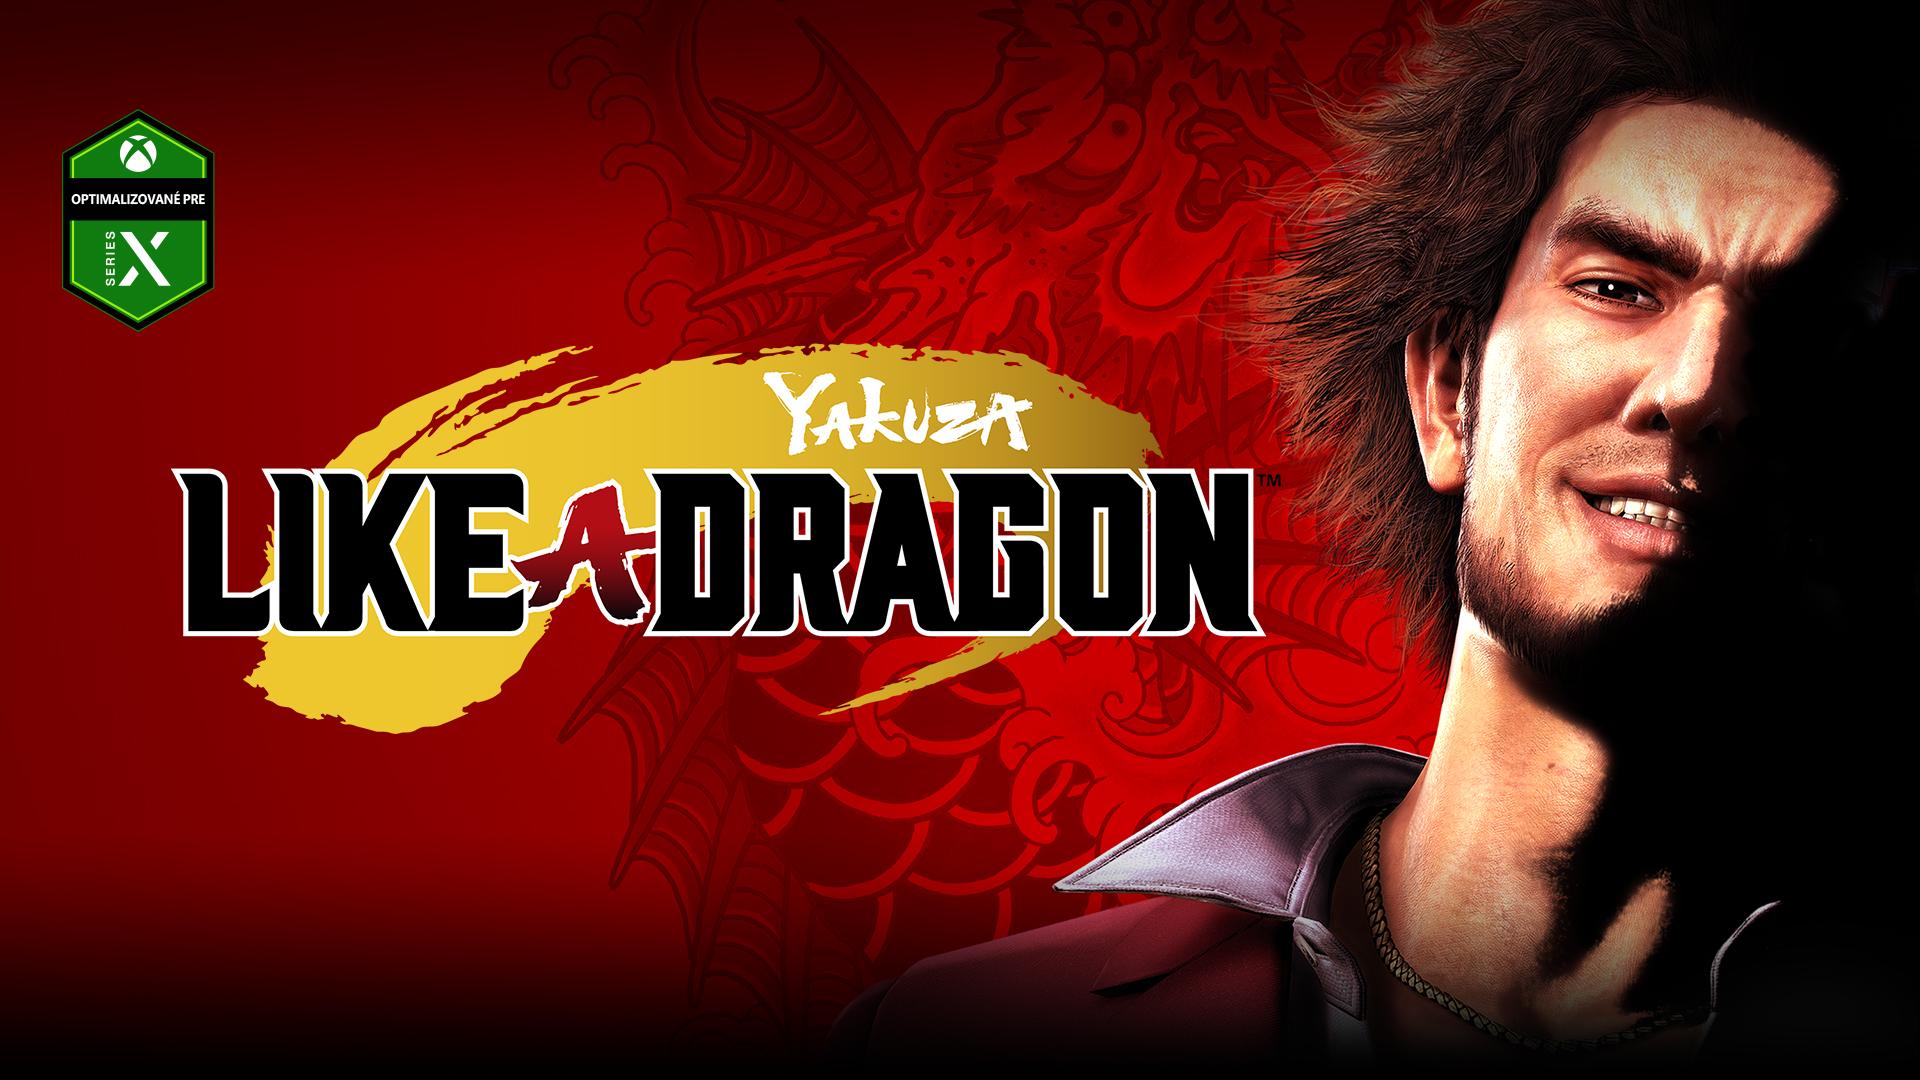 Yakuza Like a Dragon, Ichiban sa usmieva na červenom pozadí s drakom.